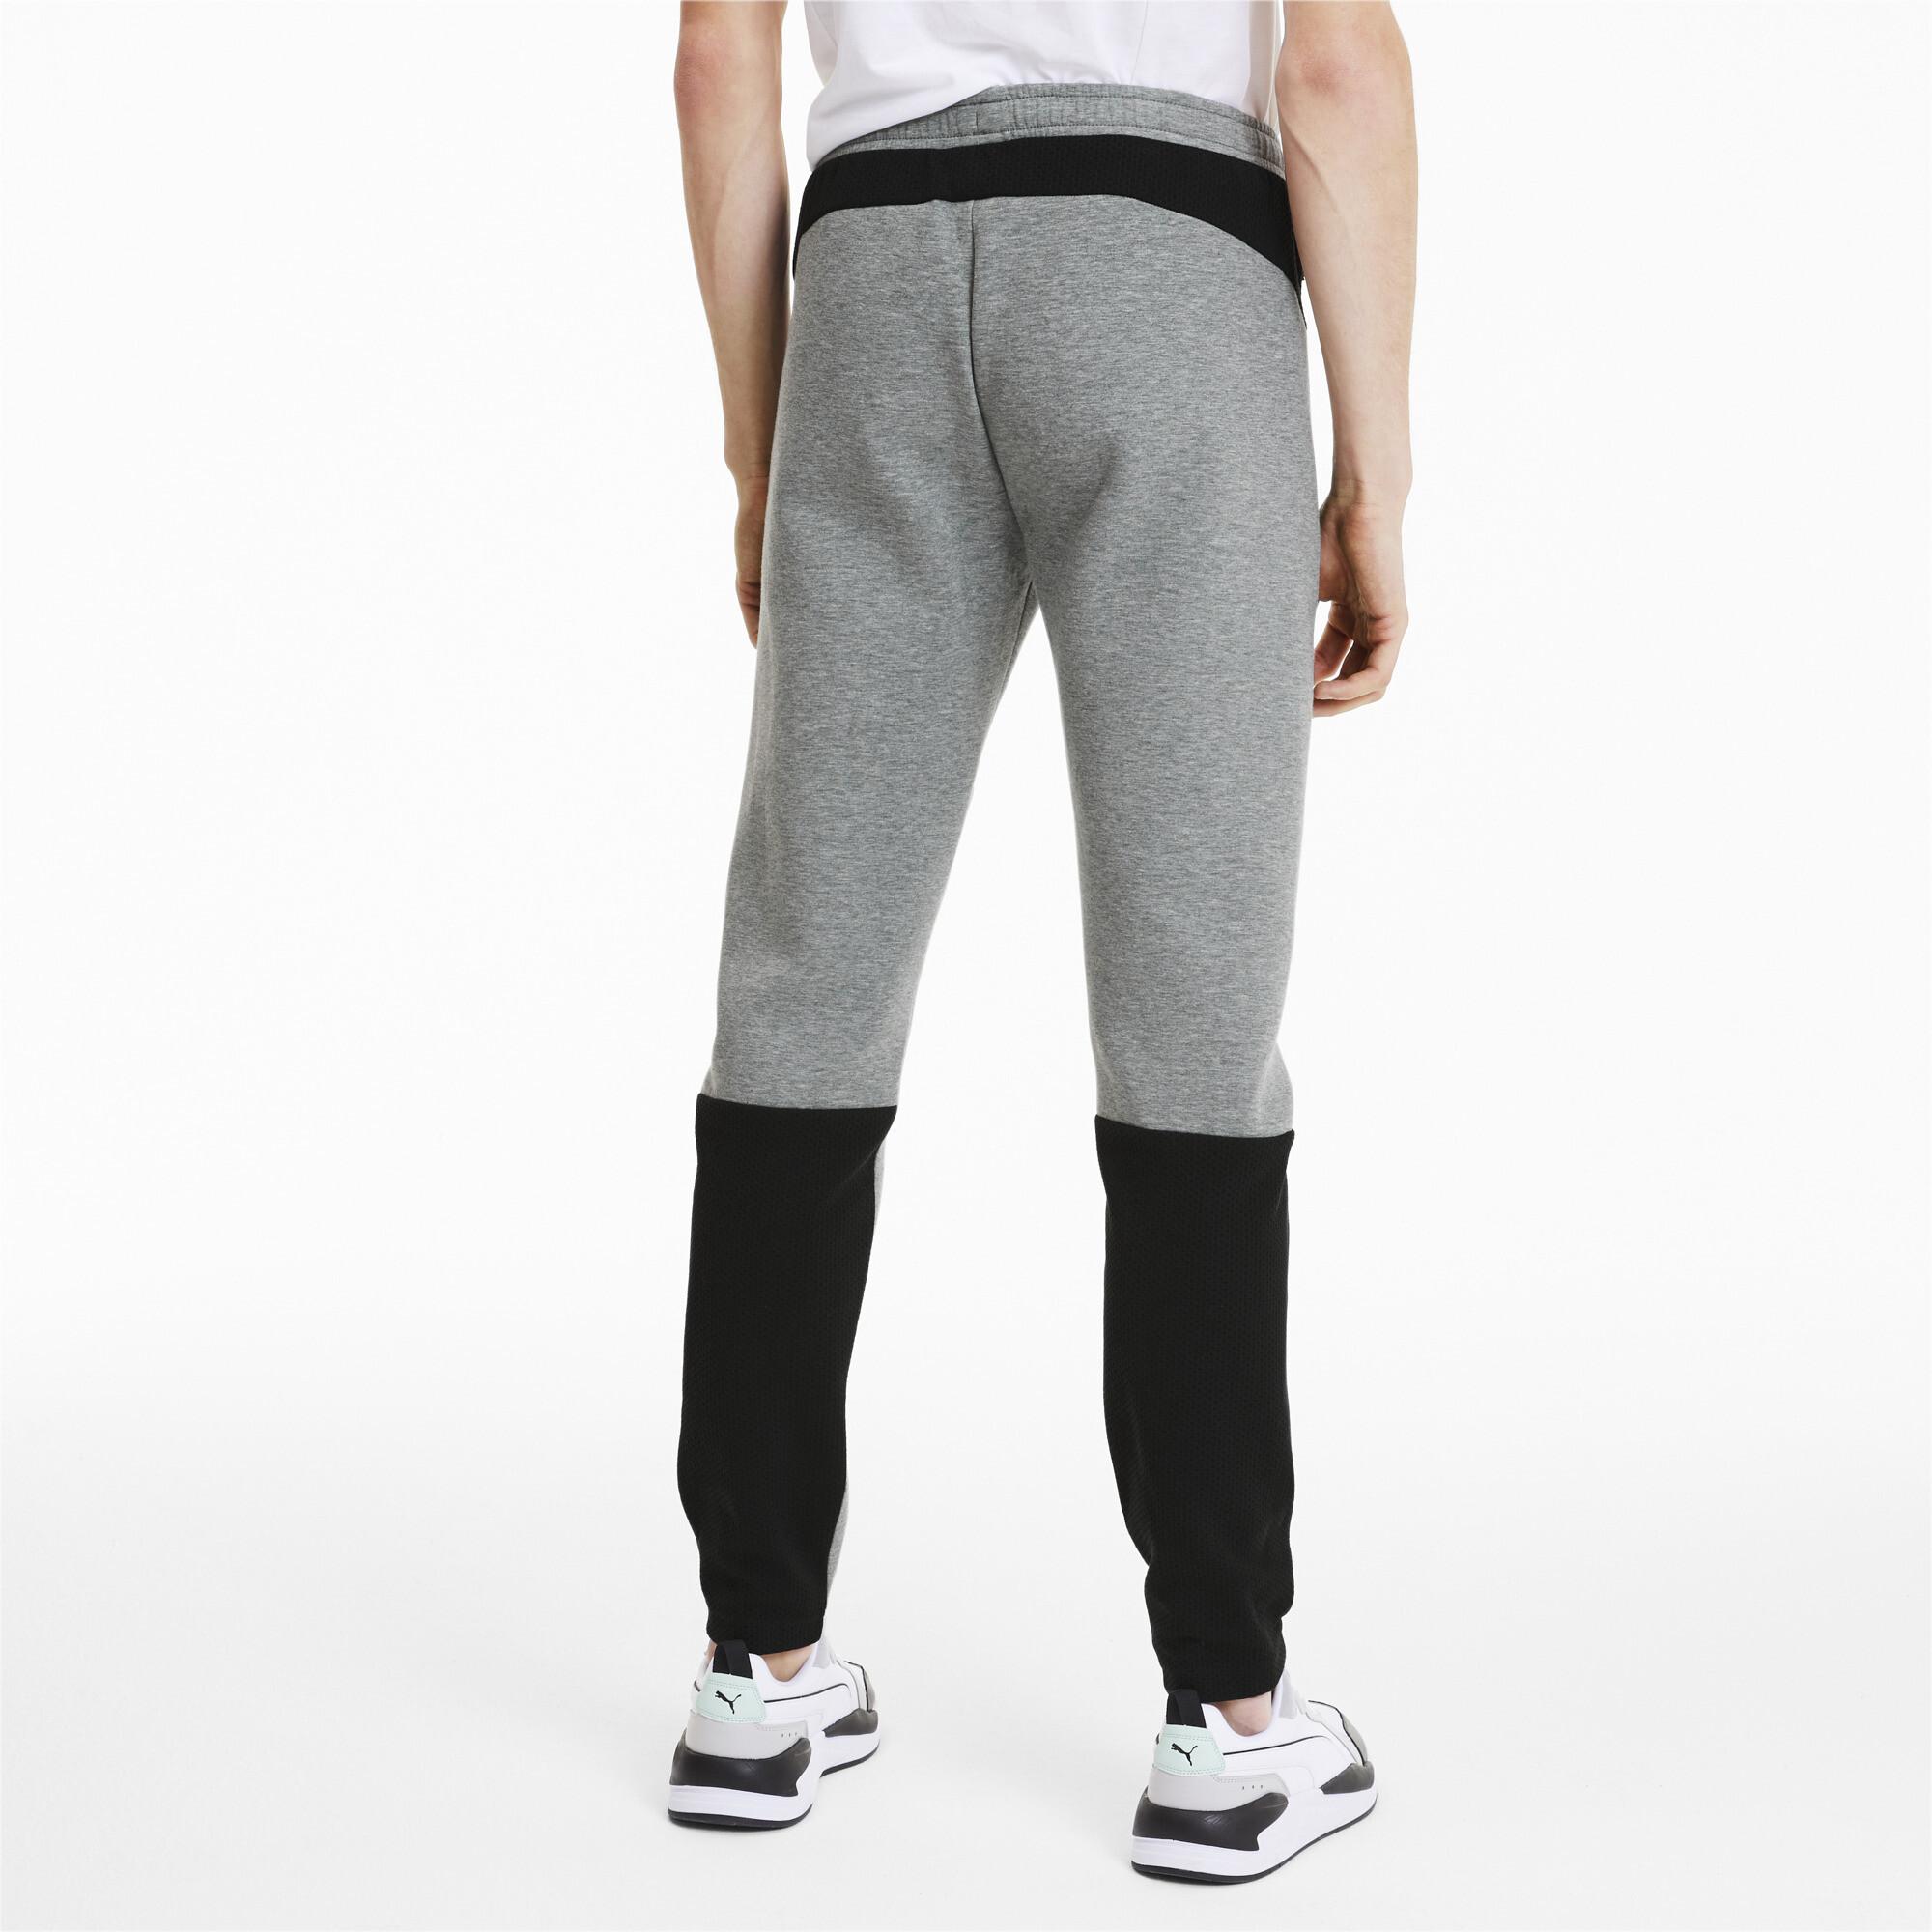 PUMA-Evostripe-Men-039-s-Sweatpants-Men-Knitted-Pants-Basics thumbnail 11